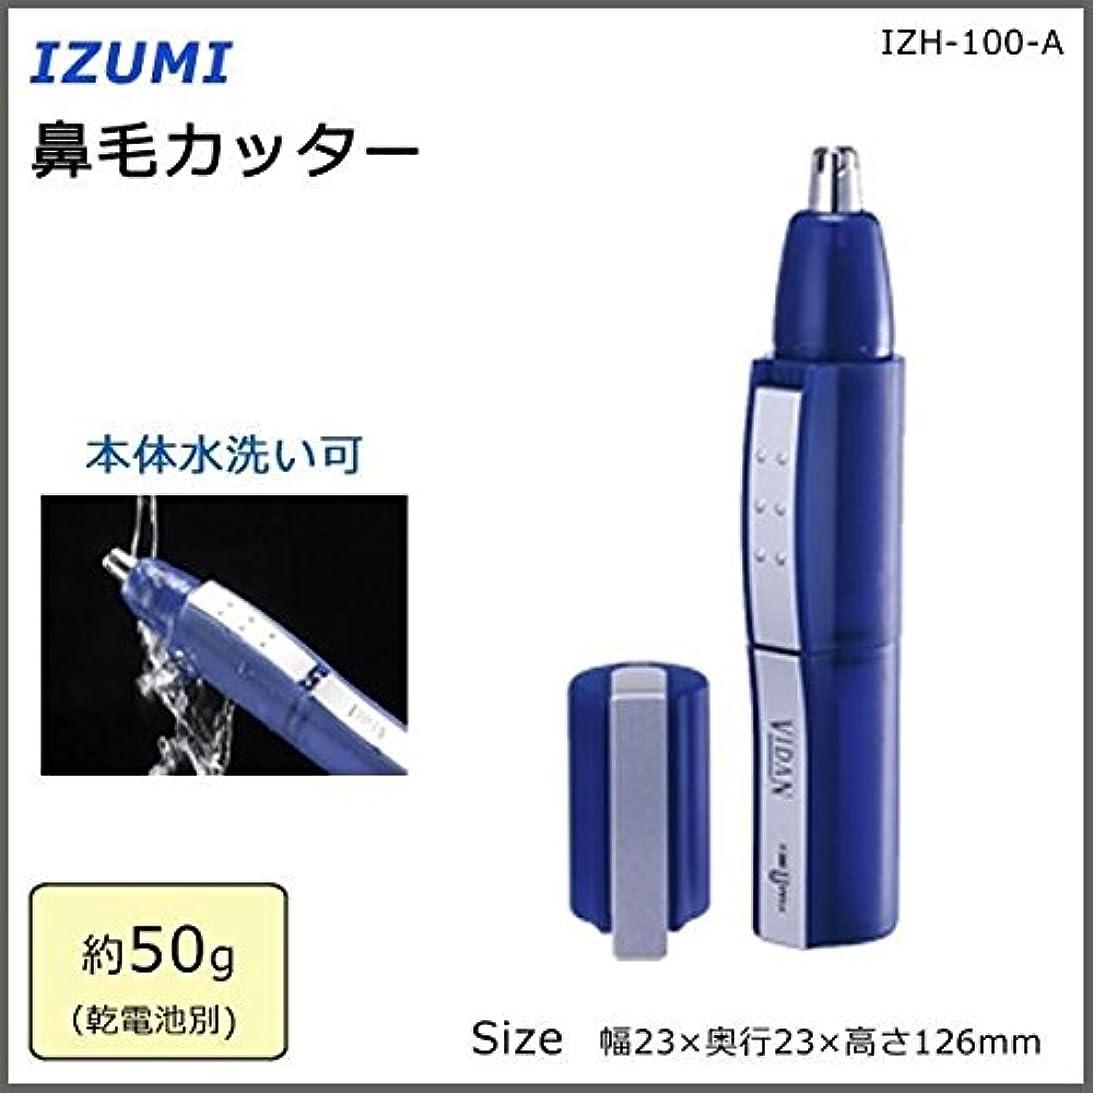 性差別一貫した石膏IZUMI 鼻毛カッター IZH-100-A